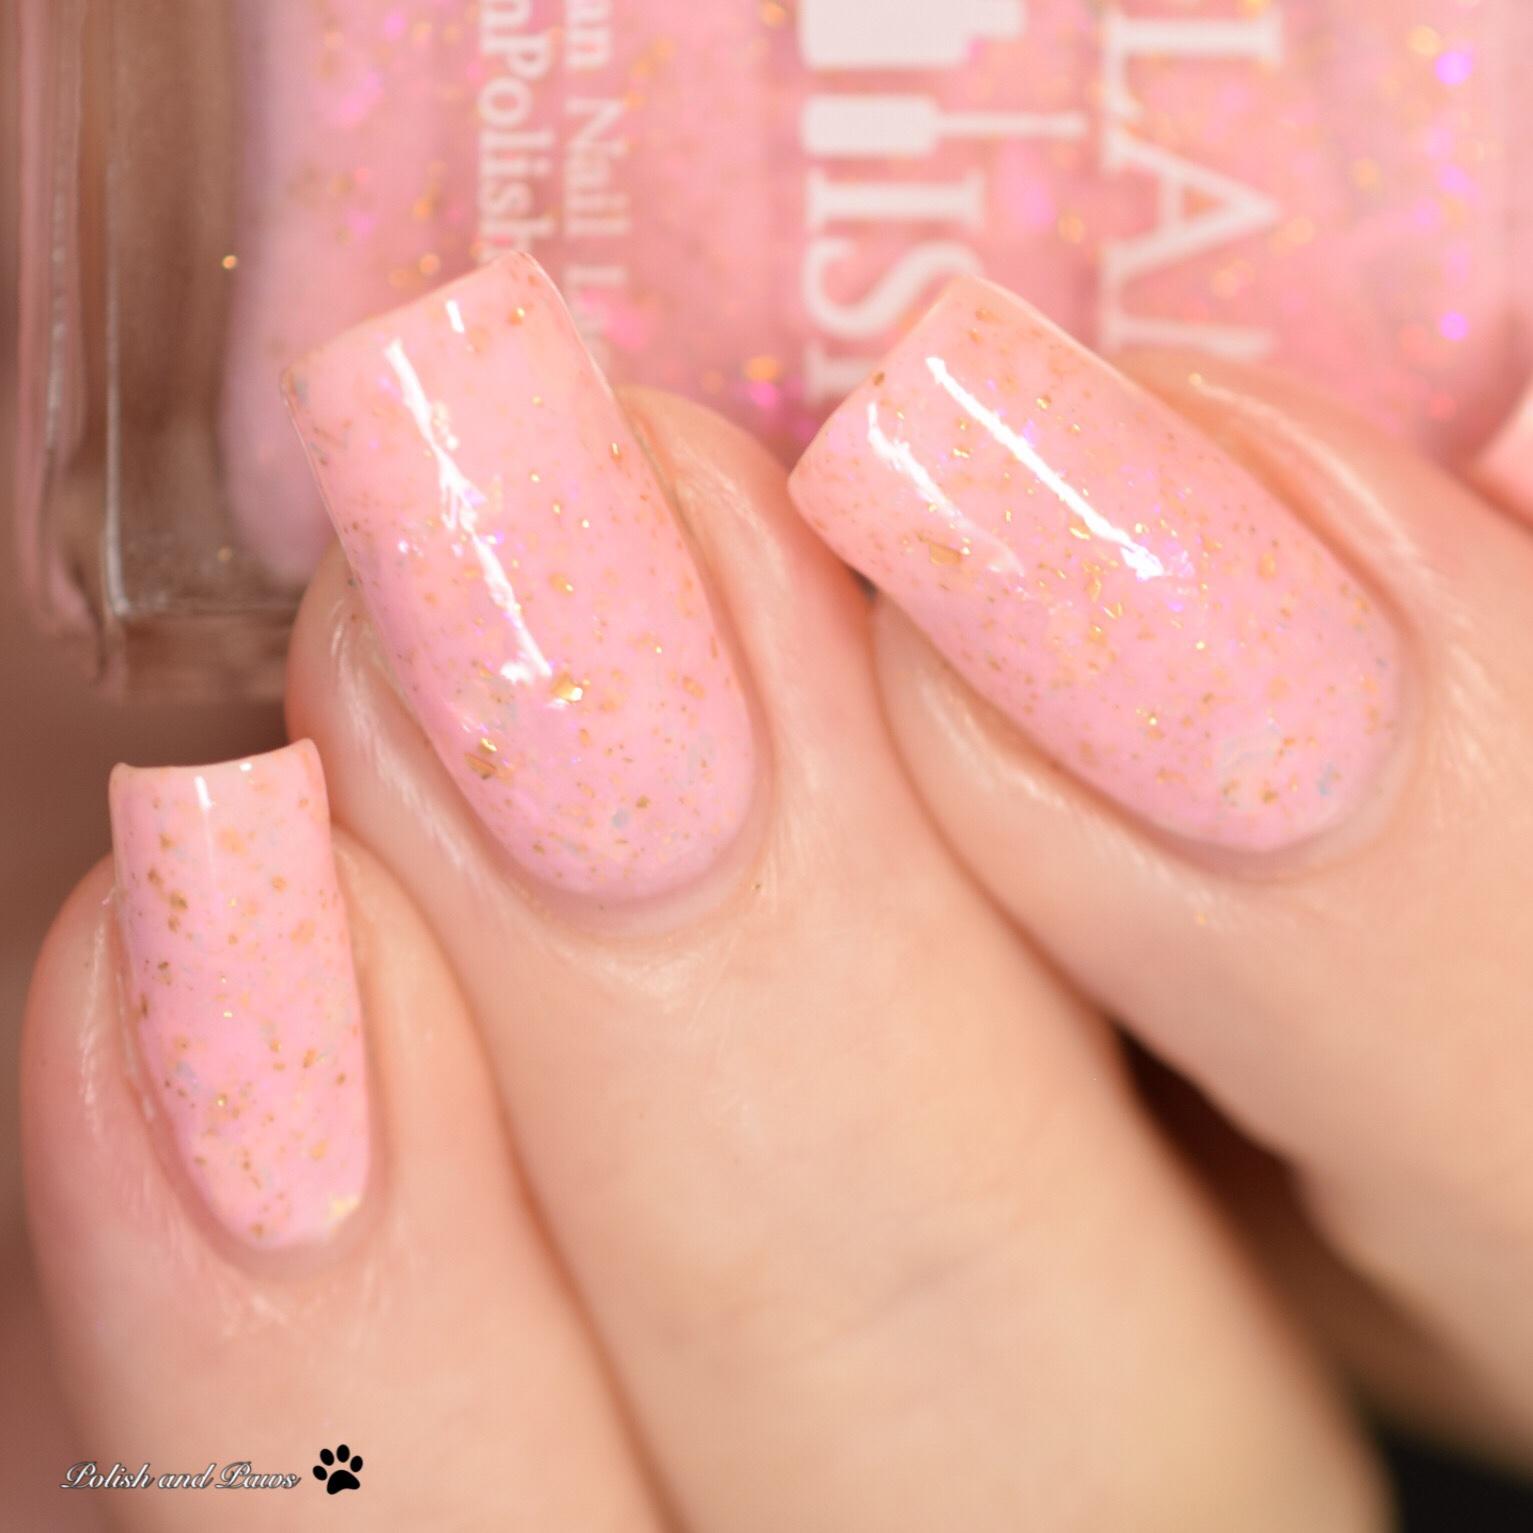 Glam Polish I Like the Pink, it's like Candy